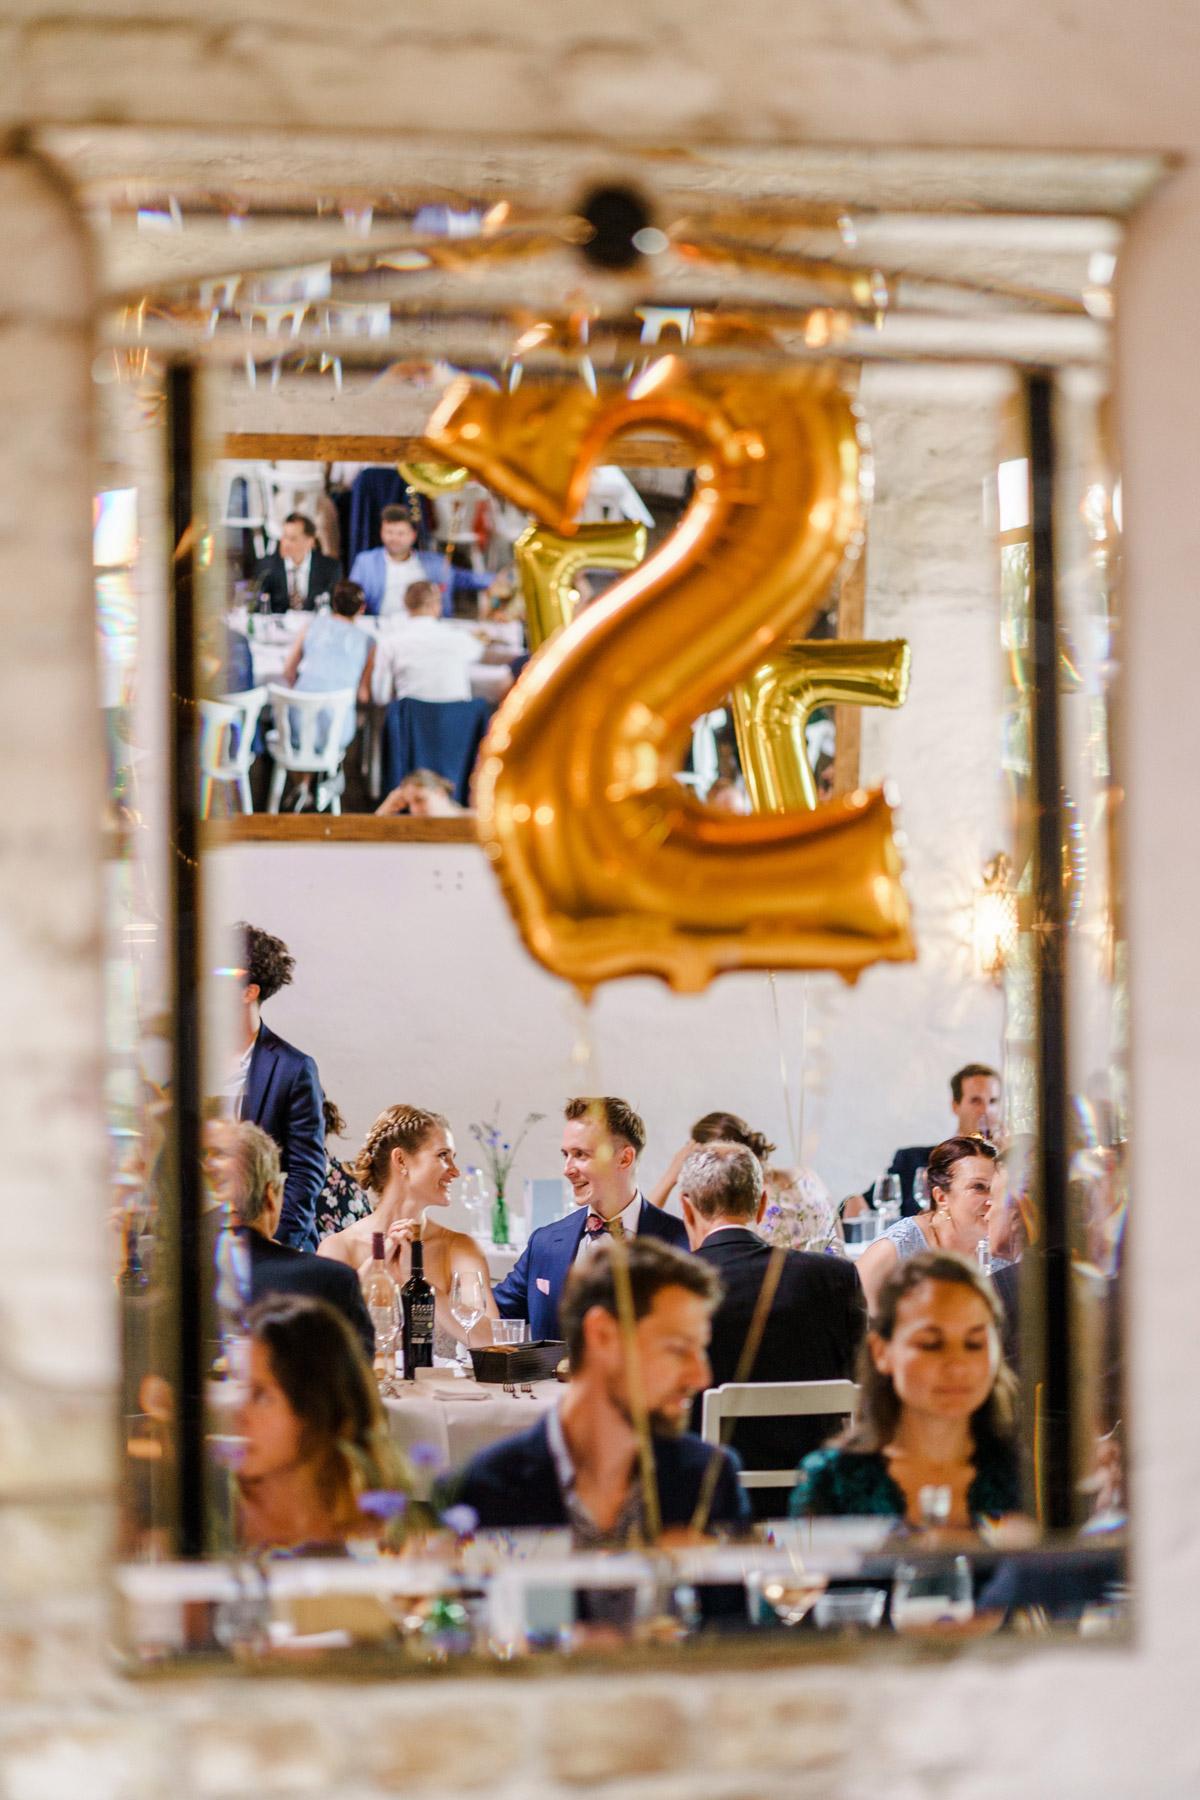 Tischdeko edel und schlicht: für glückliche Gäste im Saal viele Hochzeitsdeko Ideen in Roségold und Gold; lange weiße Tische und große goldene Heliumballons als Tischnummern; schlichte HOchzeitsblumen #weddingtabledecor auf vintage Hochzeit in Berlin - so schön kann Heiraten mit freier Trauung nach dem Standesamt in der Hochzeitslocation Von Greifswald sein - Hochzeitsfotos von #hochzeitslicht © www.hochzeitslicht.de